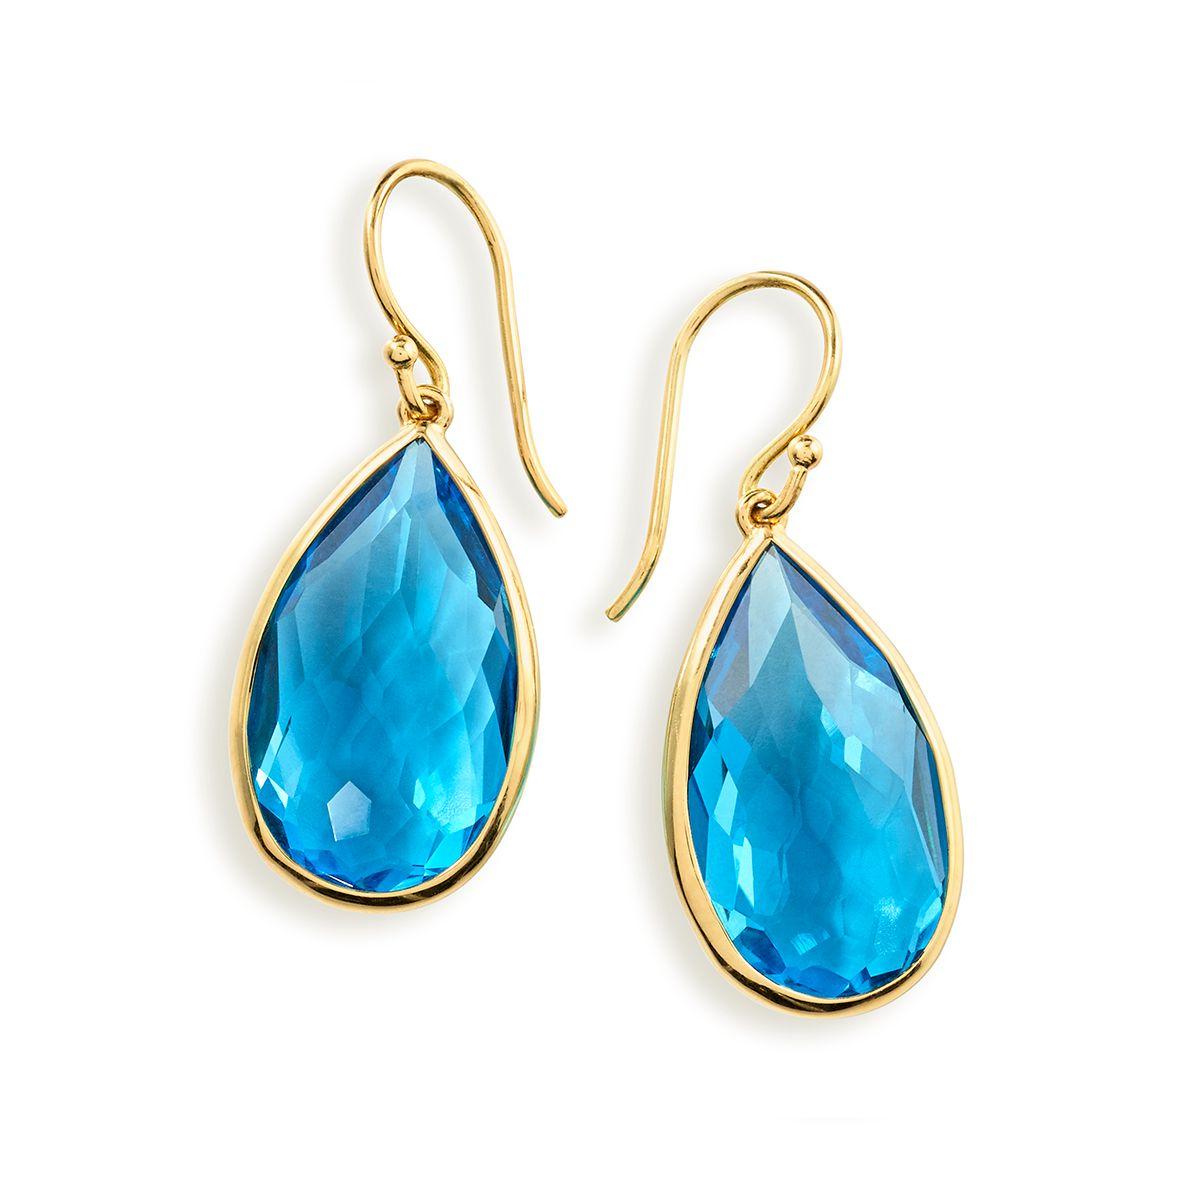 62734c6aa IPPOLITA ROCK CANDY® TEARDROP EARRINGS IN 18K GOLD (COLOR: BLUE TOPAZ)  BY IPPOLITA. #ippolita #